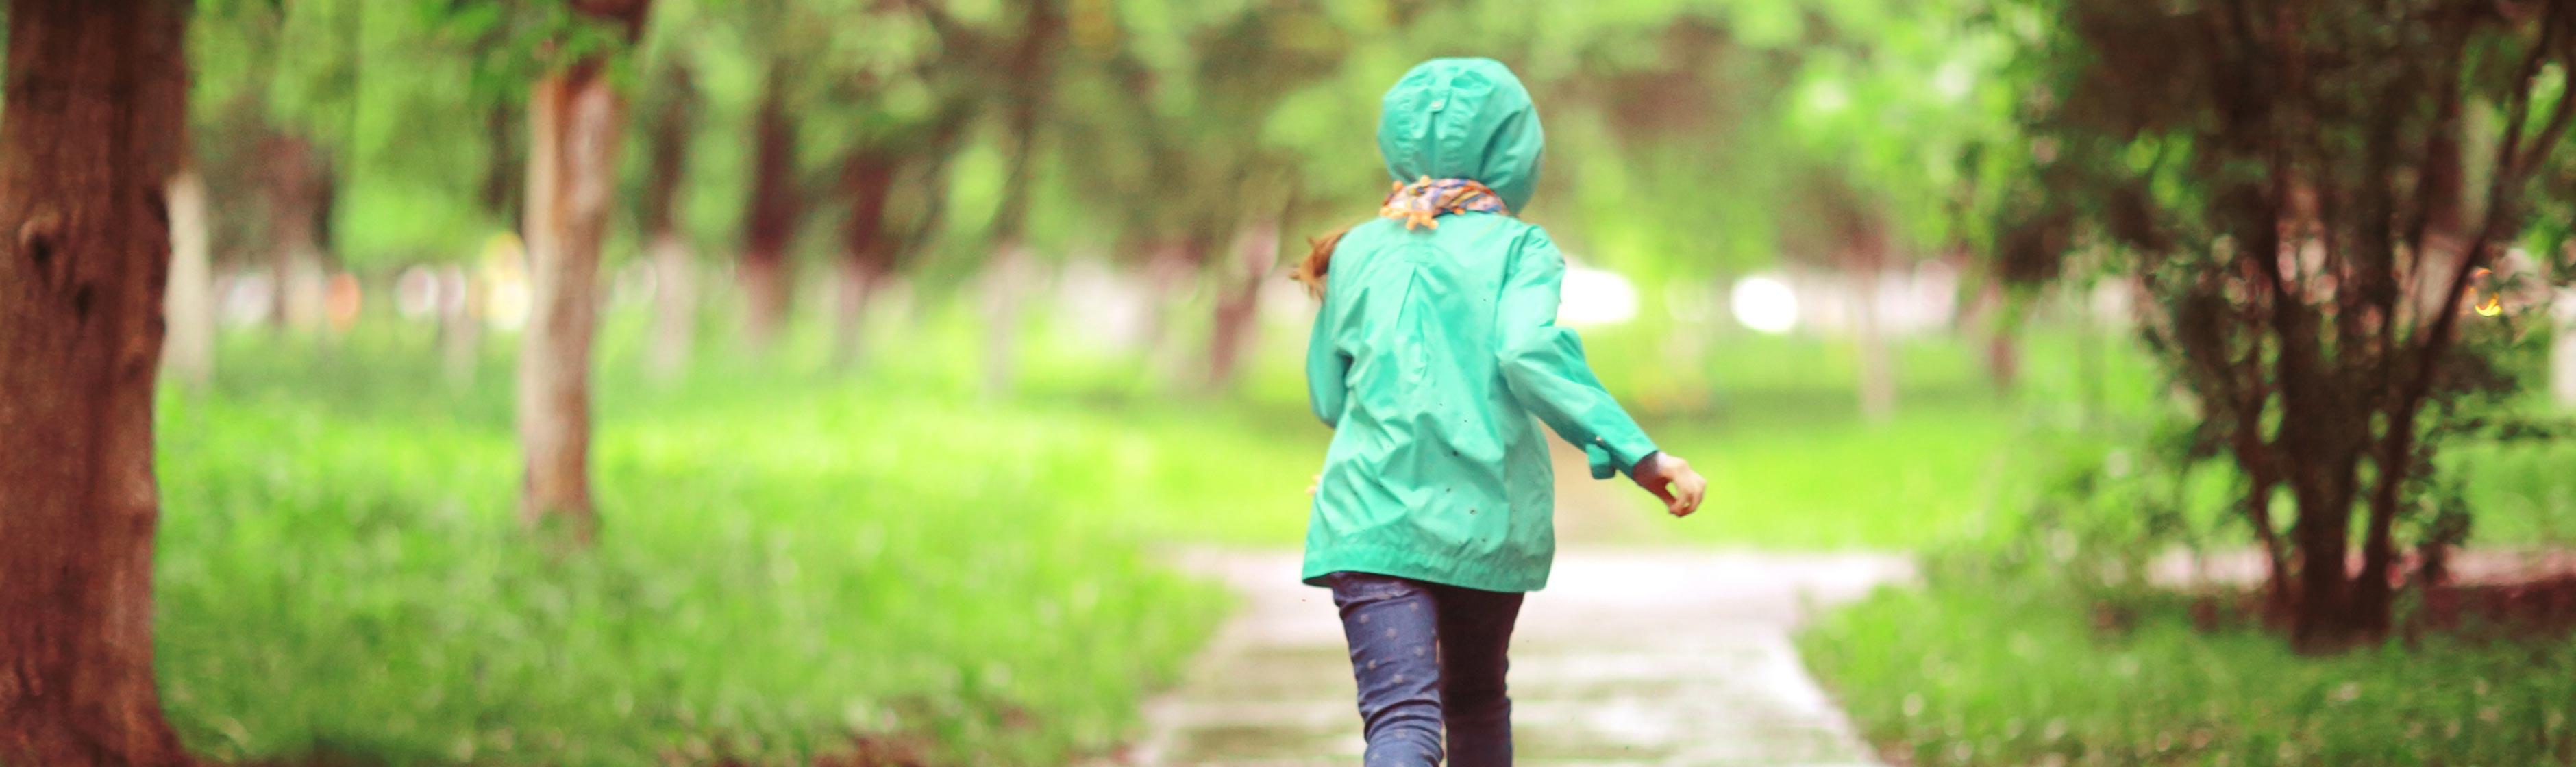 Meisje rent in regen